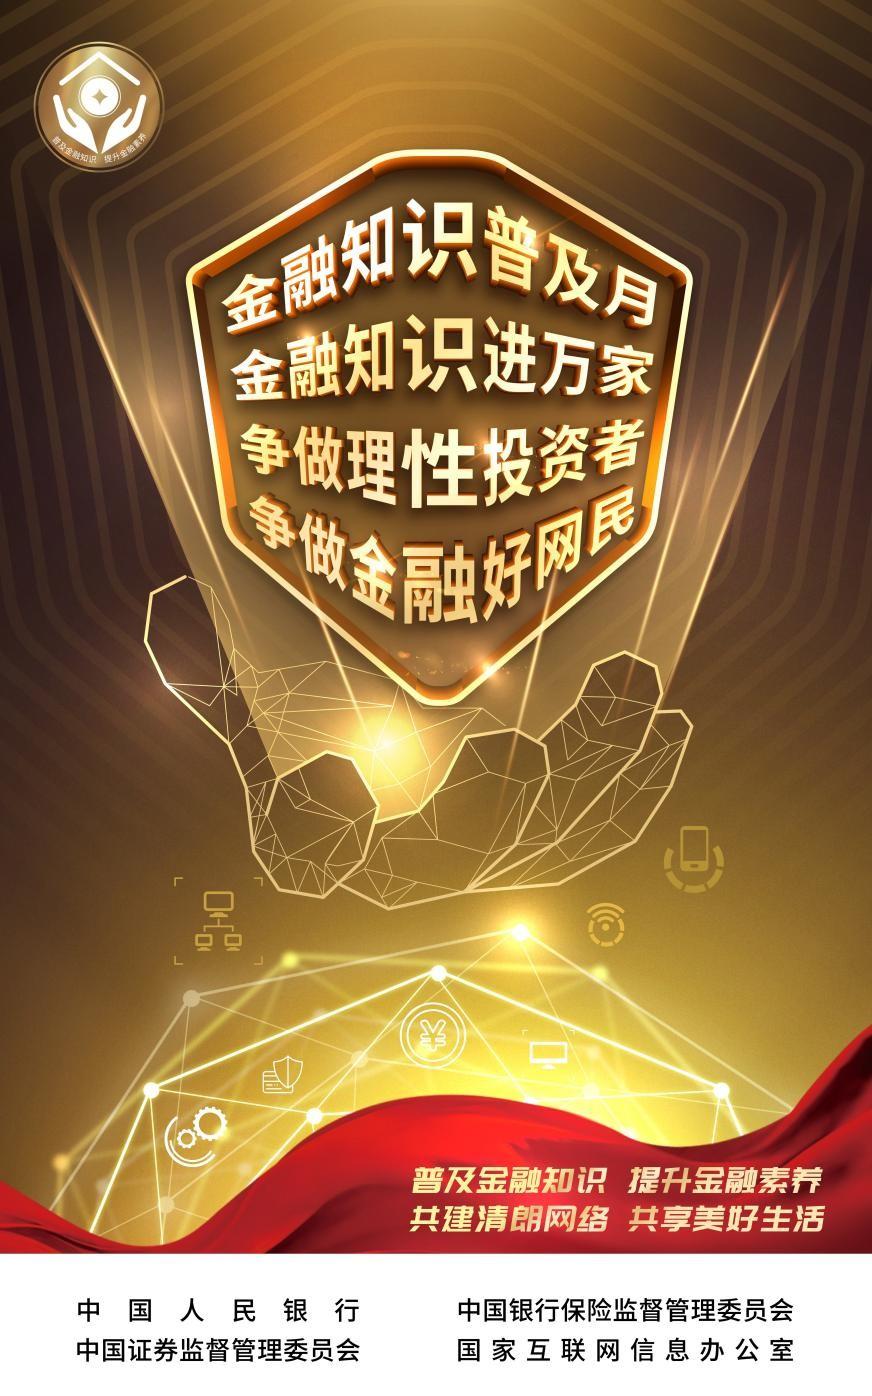 光大银行发布2020年度社会职责陈述: 财富办理不忘初心  服务民生紧记任务